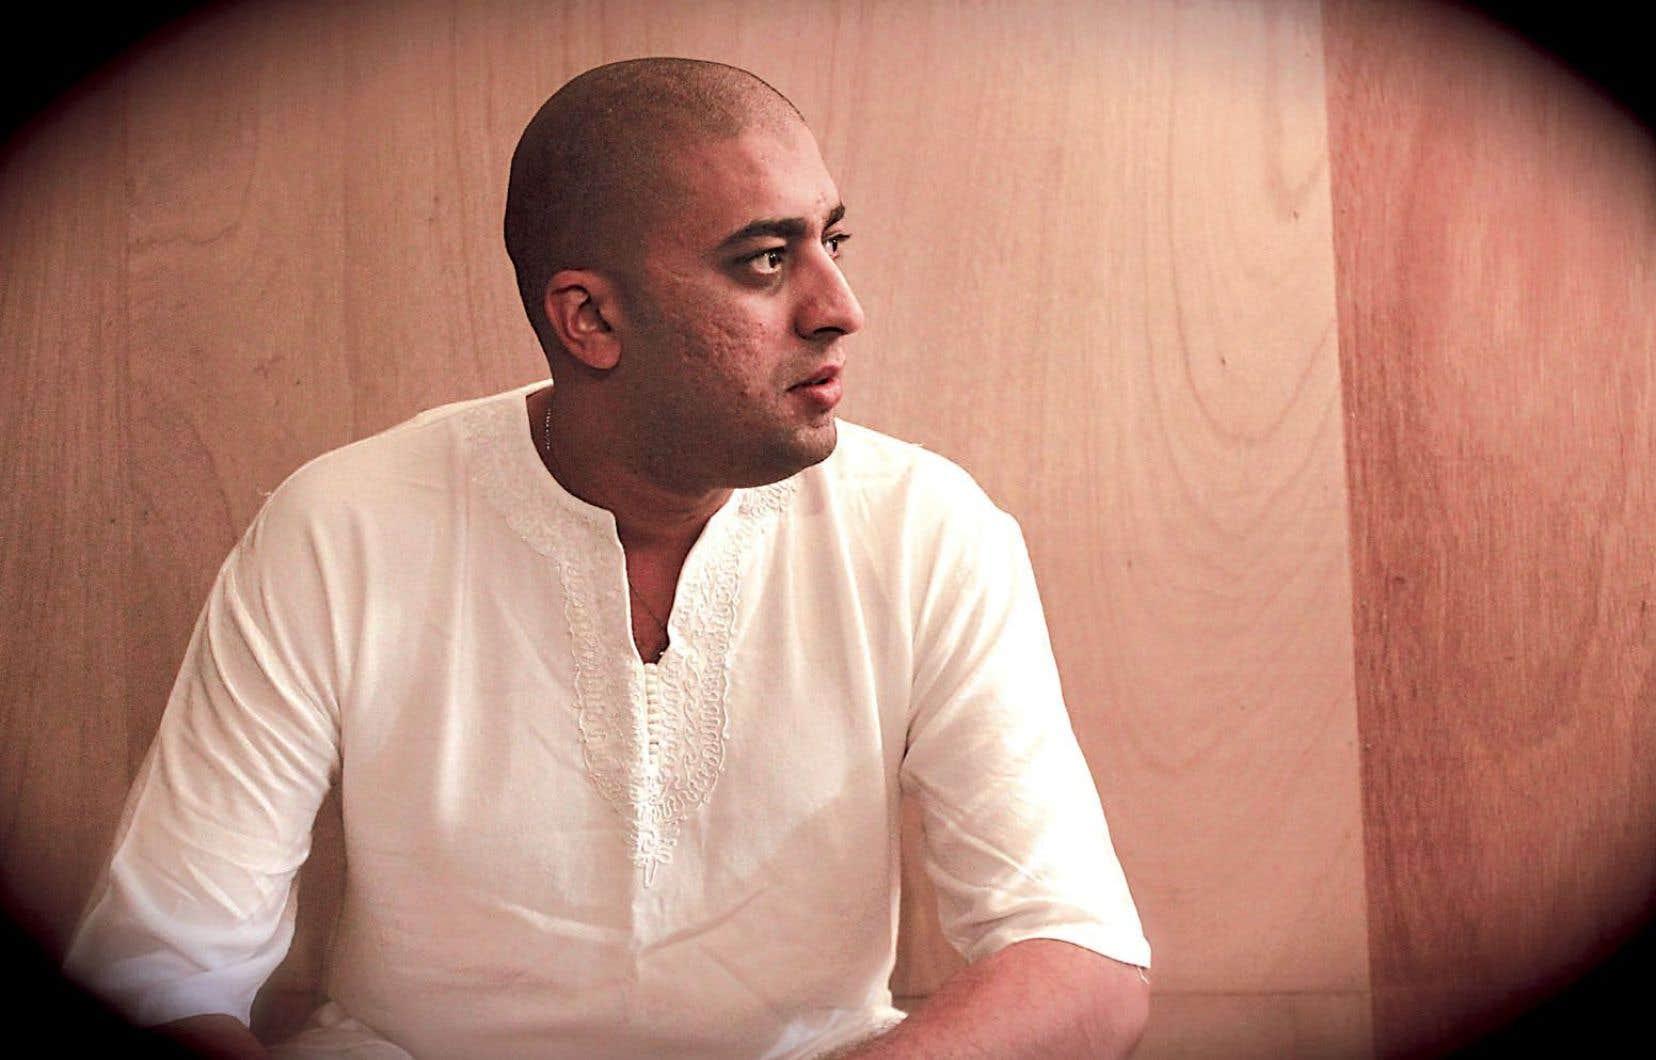 Karim Bensaïd